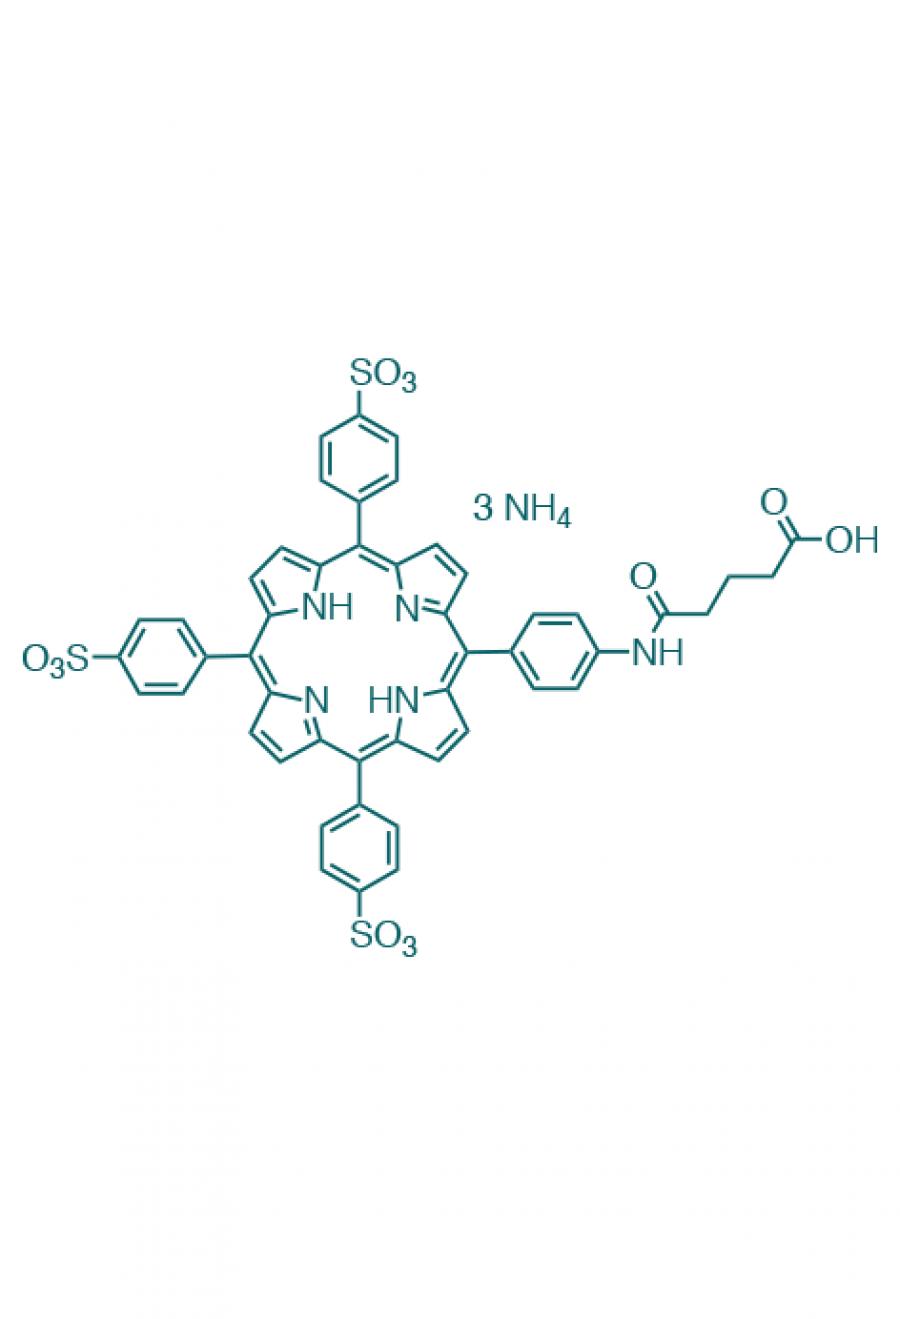 5-(4-carboxypropylcarbamoylphenyl)-10,15,20-(tri-4-sulfonatophenyl)porphyrin triammonium